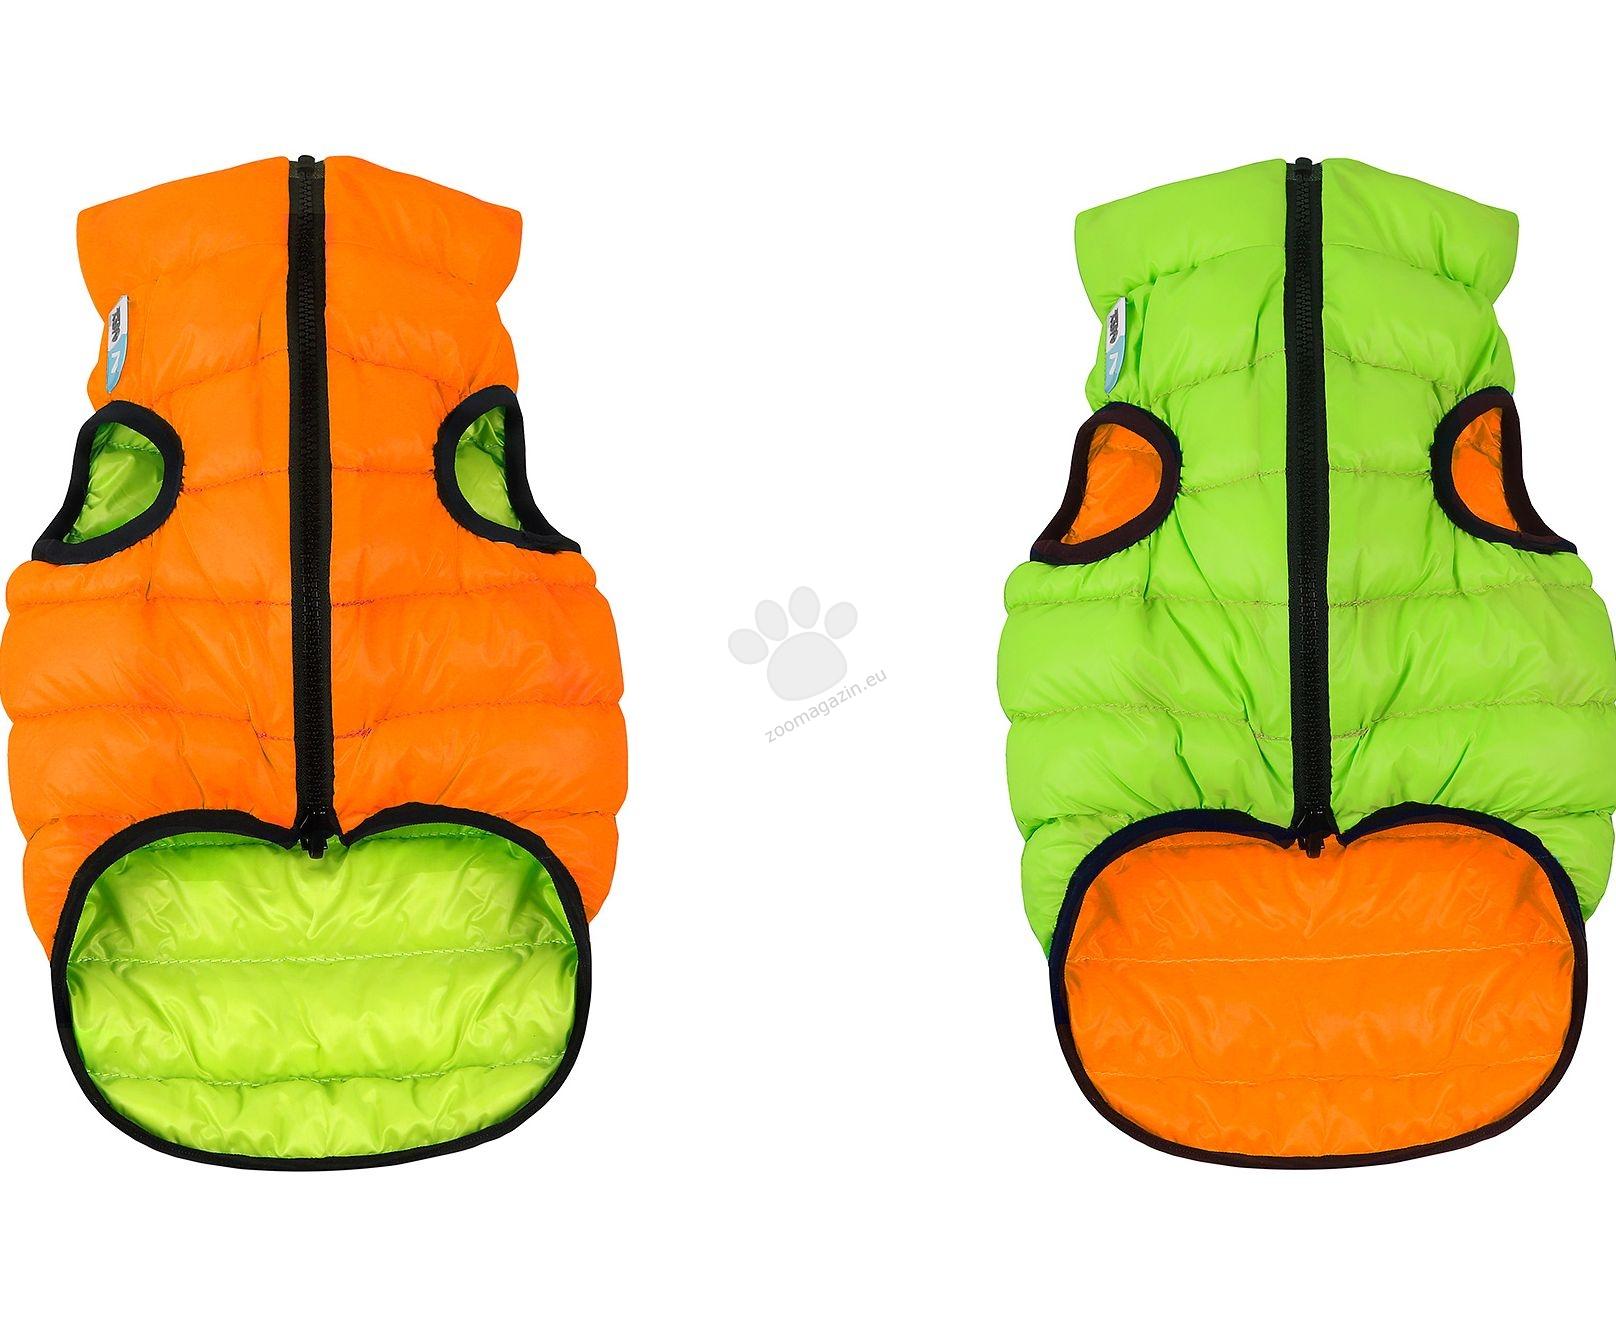 Airy Vest S - двустранно олекотено кучешко яке, за кучета с дължина на гърба 35 см. / оранжево-светлозелено /